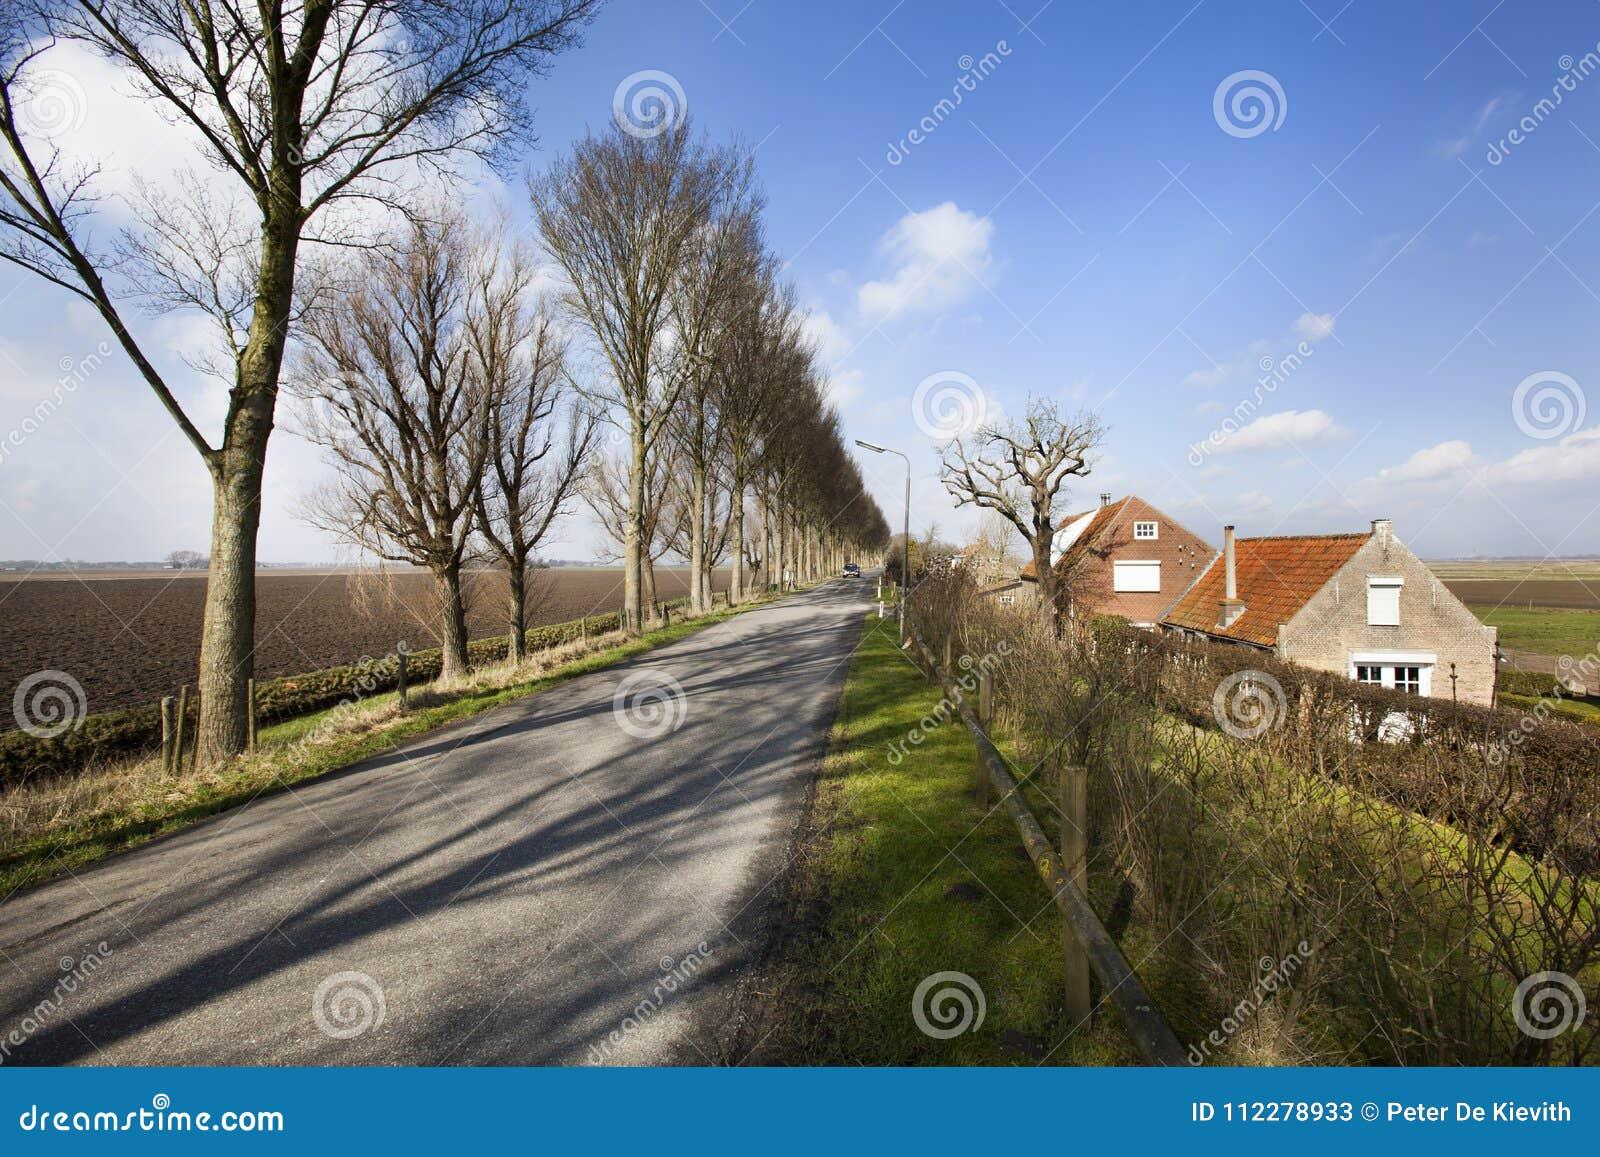 Landsväg på ett dike i holländskt polderlandskap